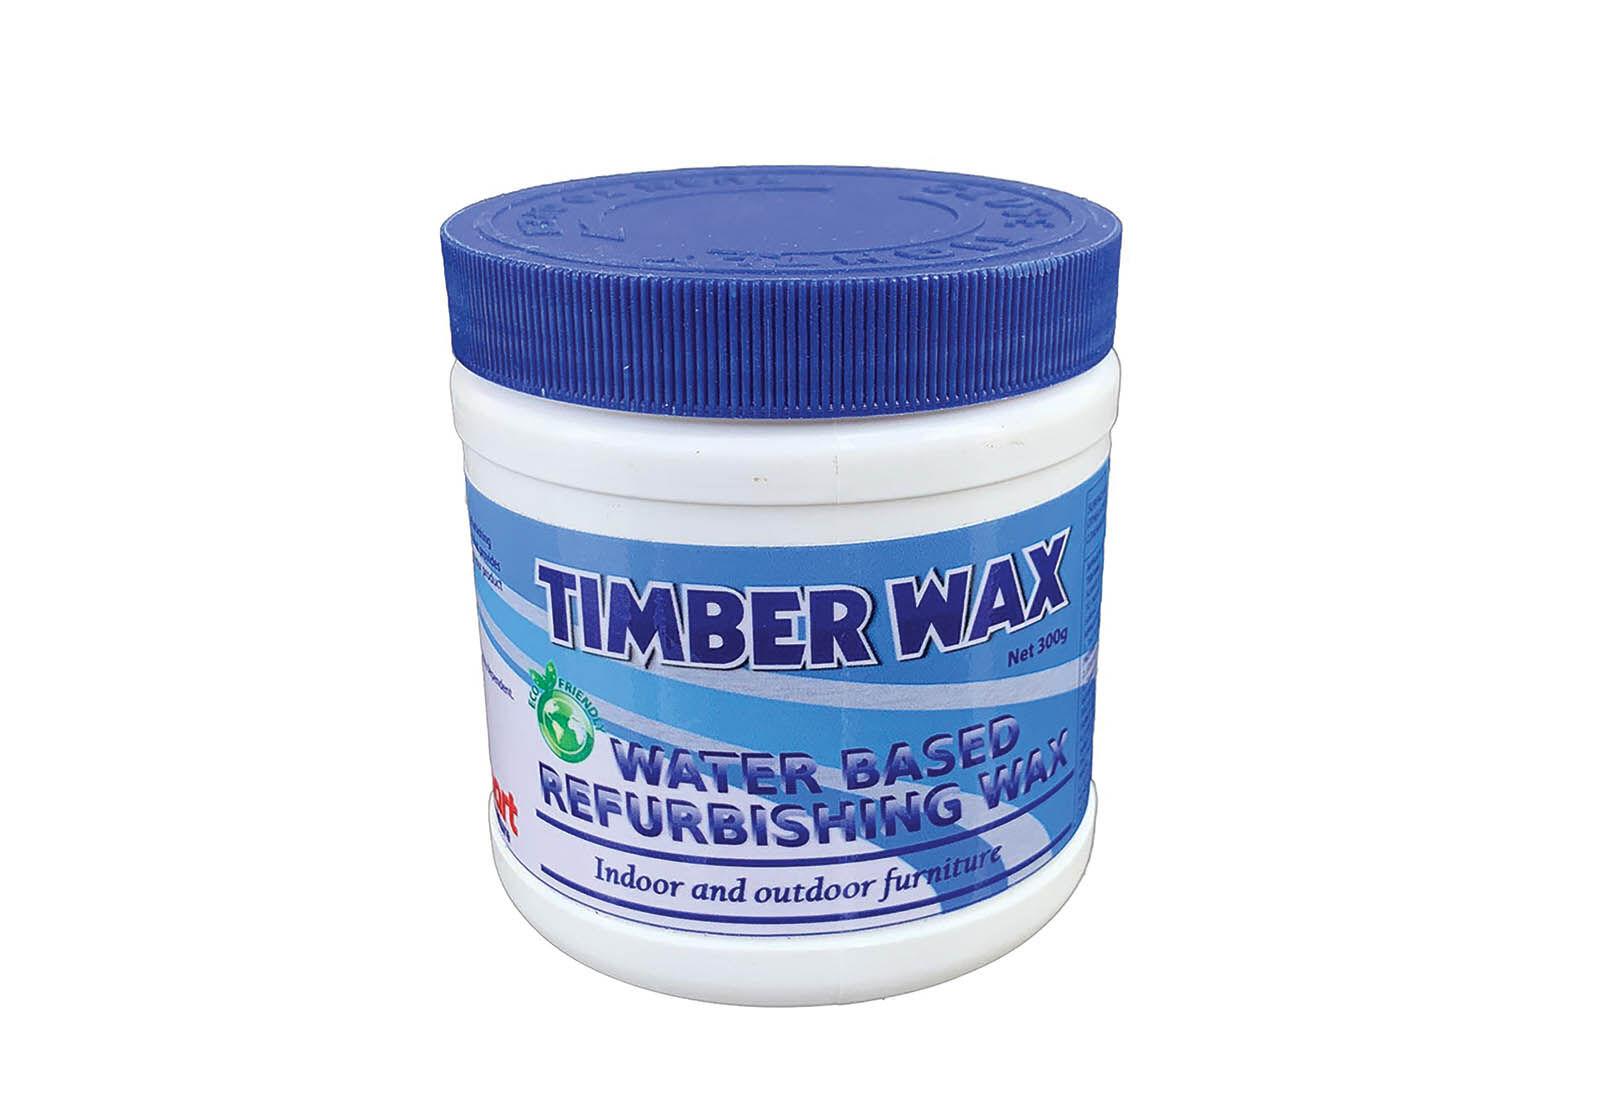 TIMBER WAX